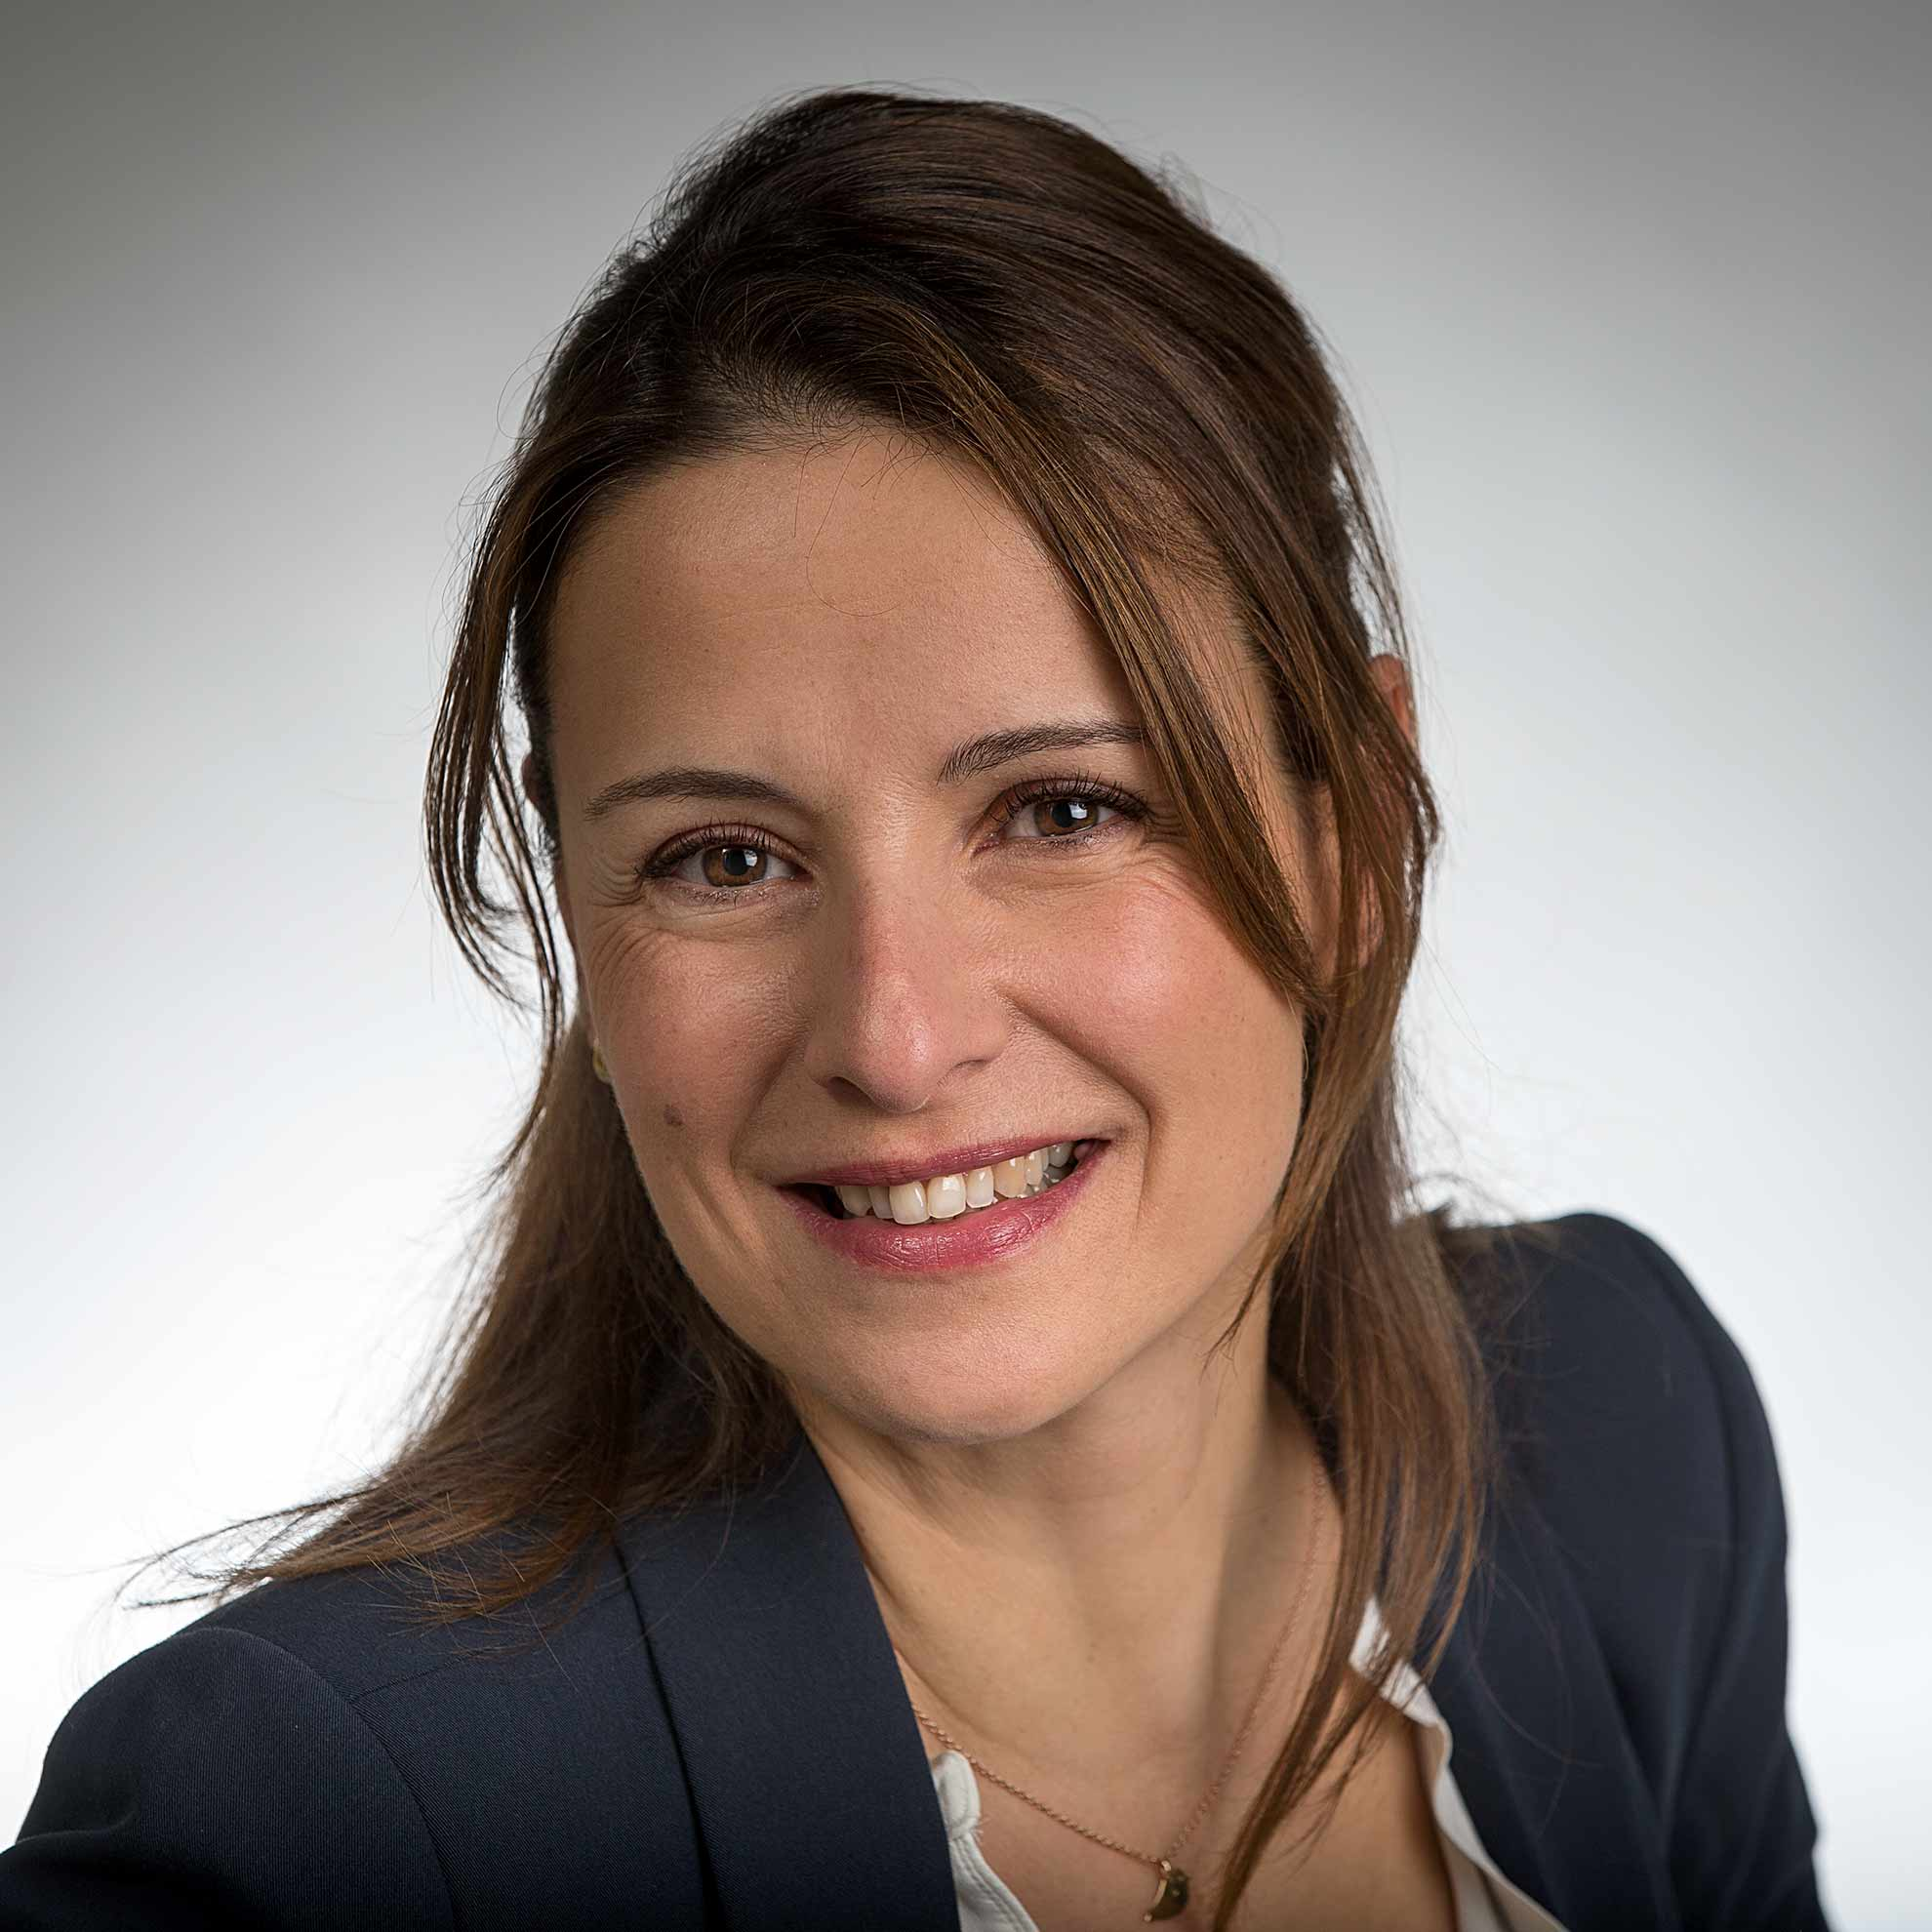 Portrætfoto til erhverv eller Linkedin CV foto